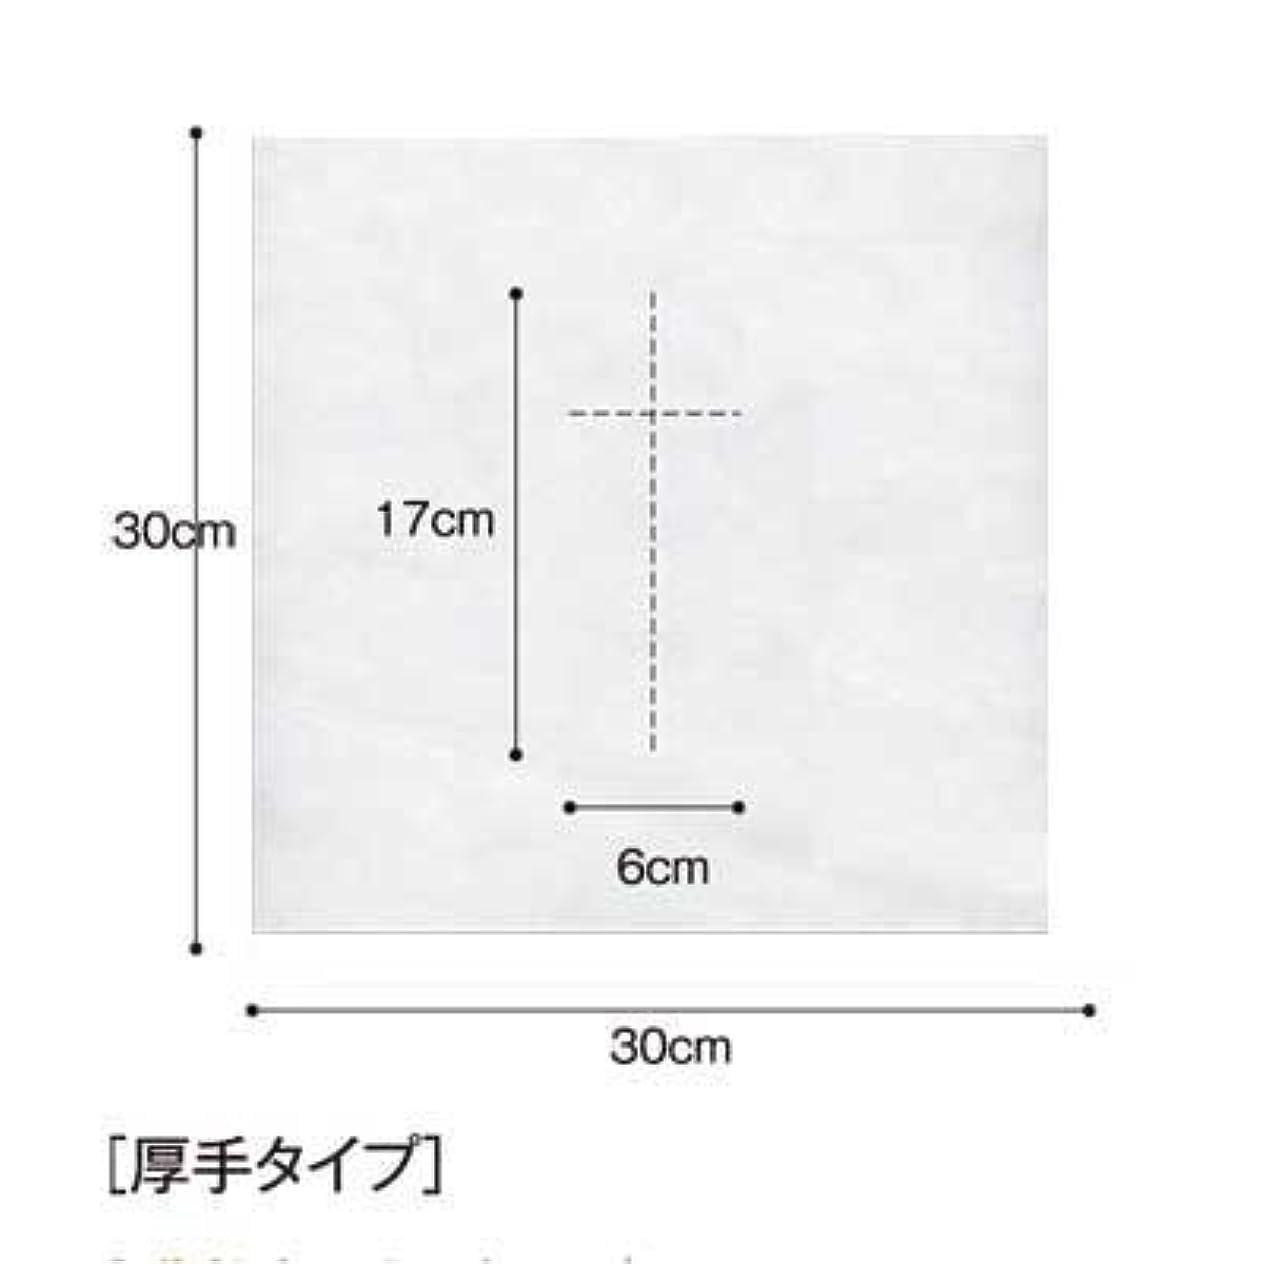 白鳥誤解する衝突する(ロータス)LOTUS 日本製 ピロカバー DX 十字カット 100枚入 業務用 マッサージ 、エステ 厚みのあるタイプ